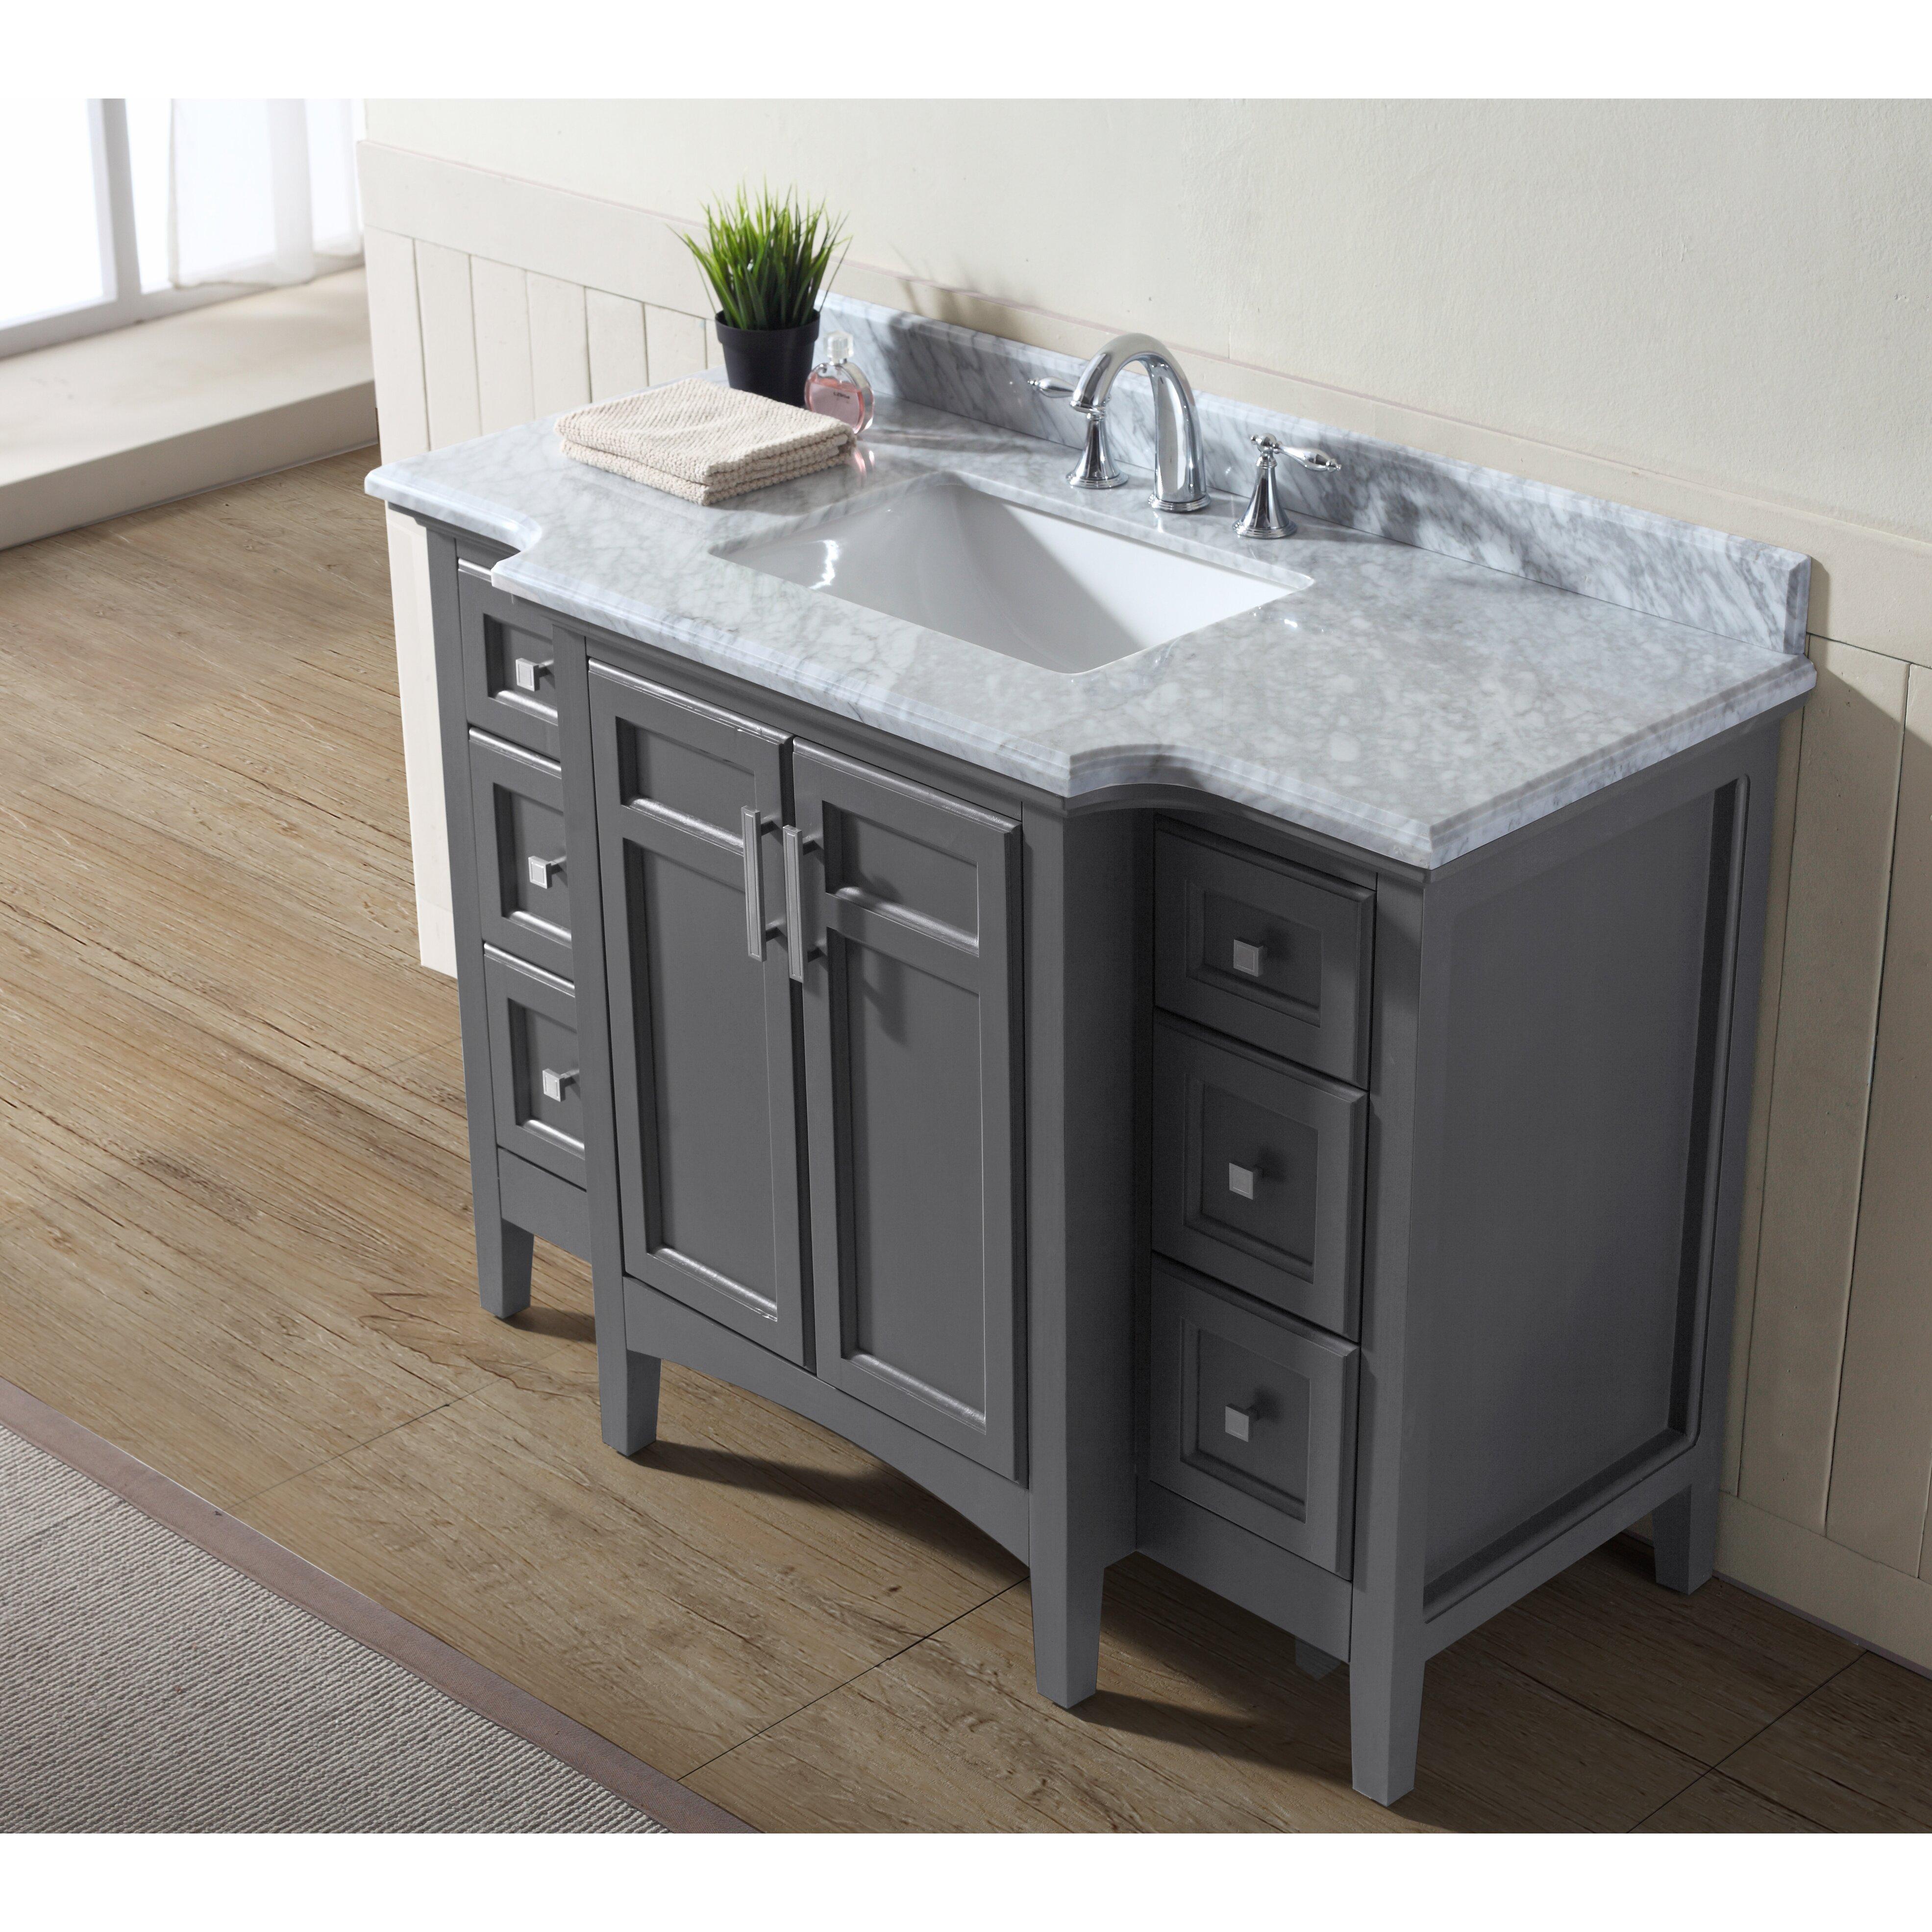 8418549d276 48 Bathroom Vanity With Granite Top Stainless Steel Bathroom Vanity Cabinet  47 Inch Bathroom Vanity 600×600